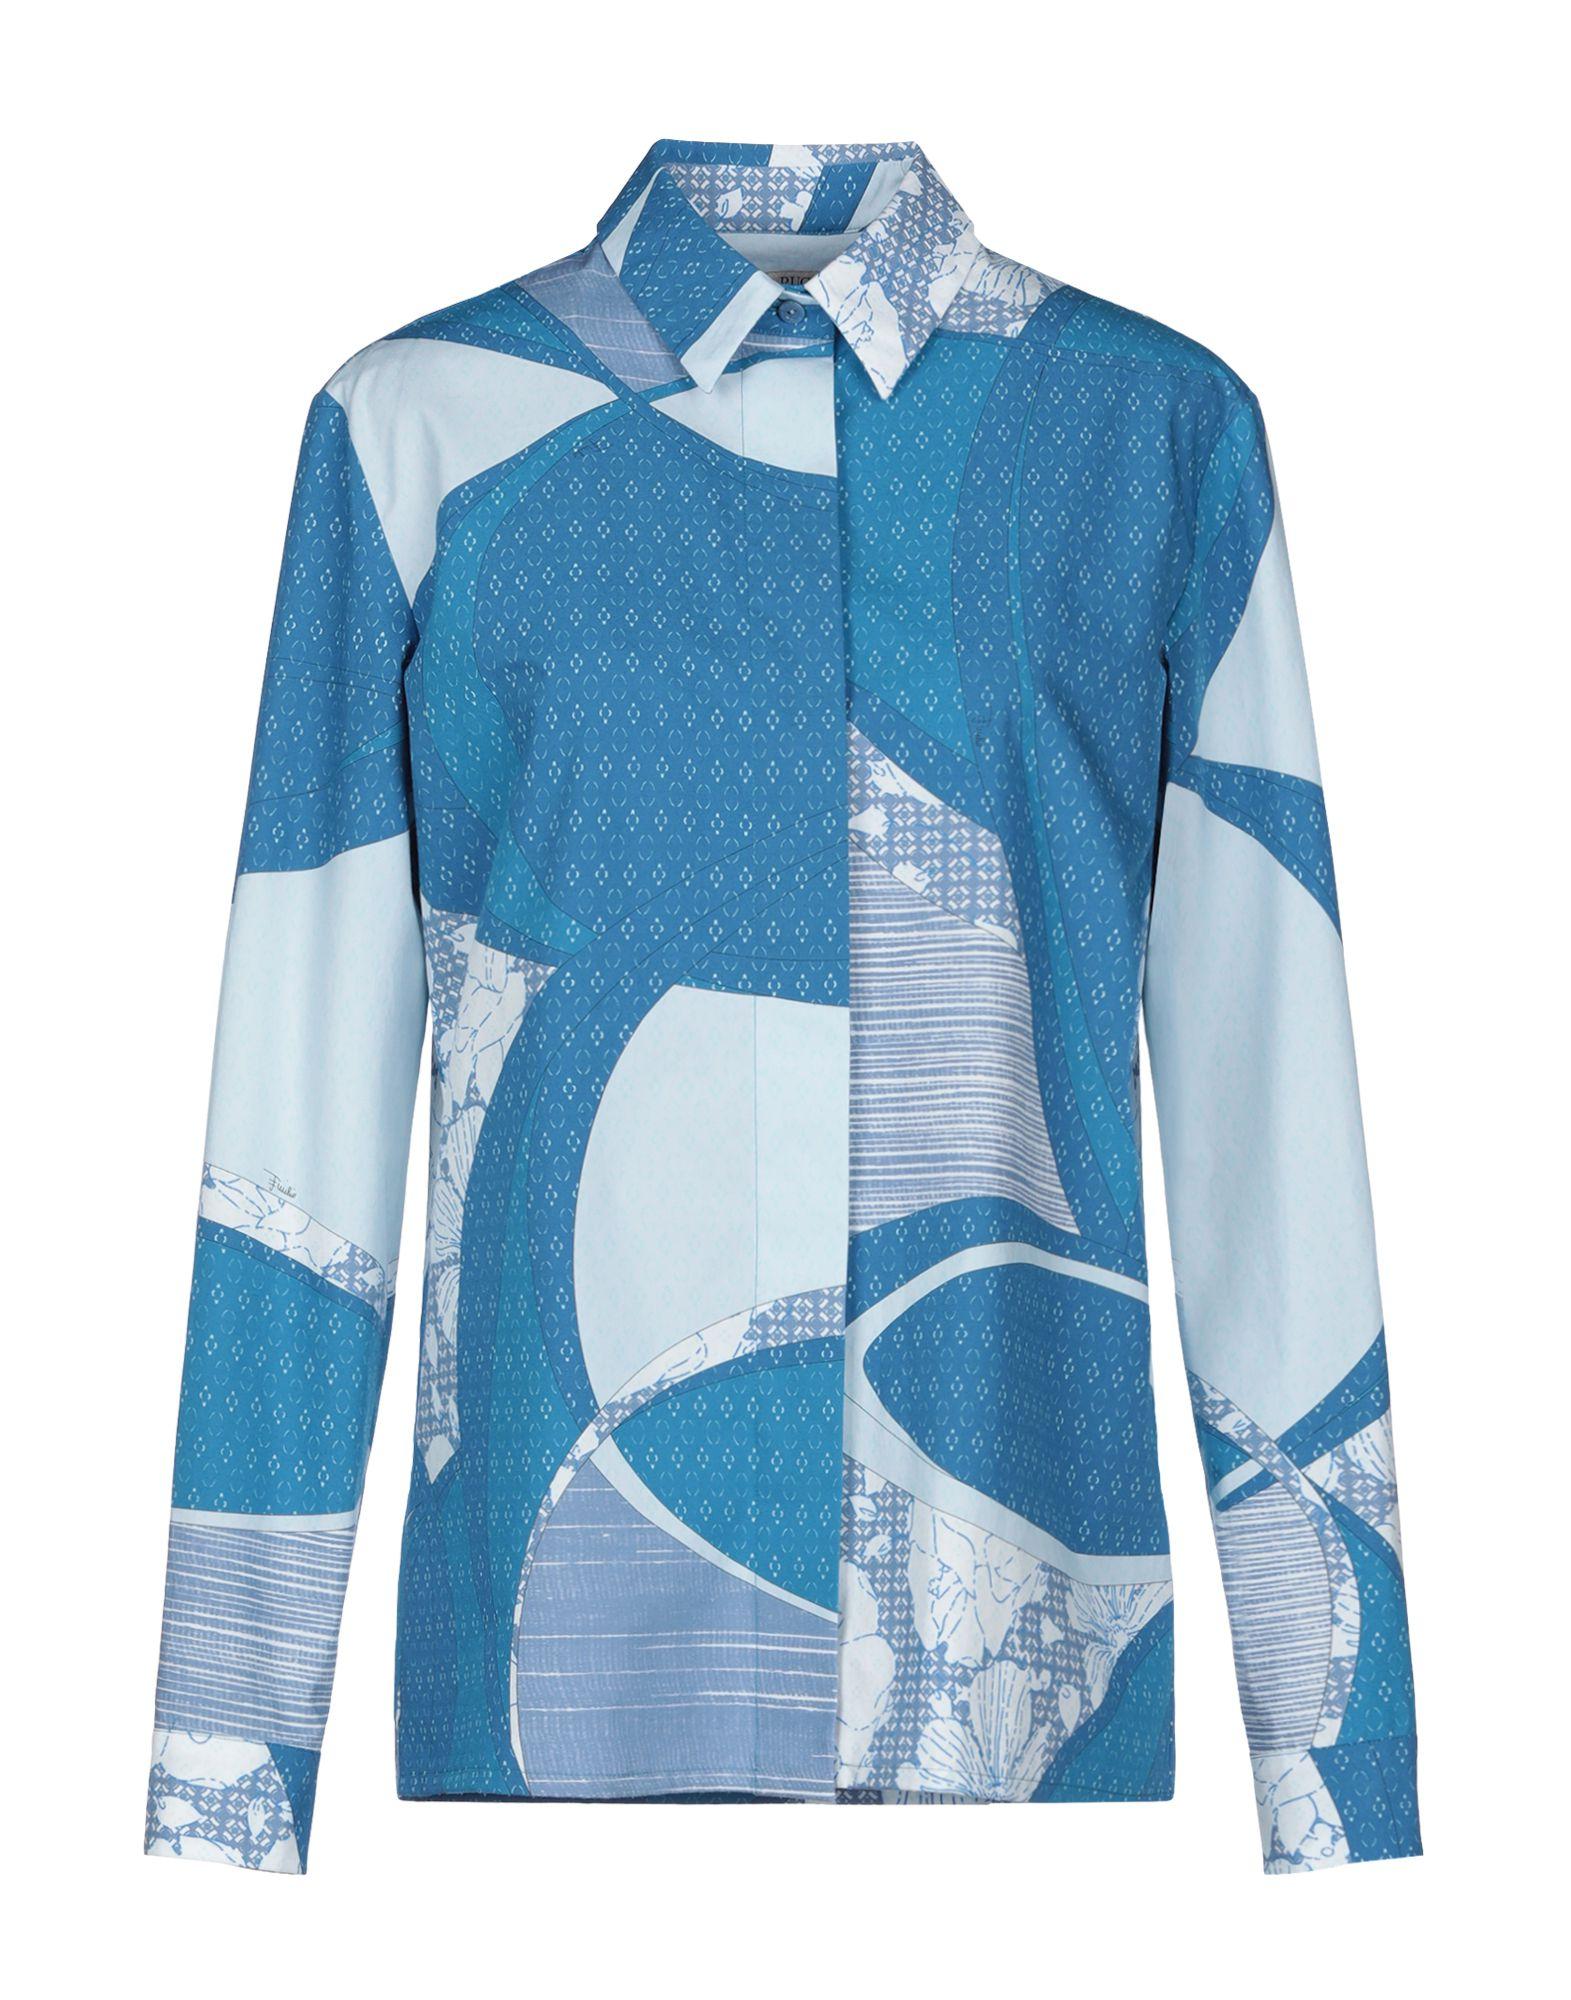 《送料無料》EMILIO PUCCI レディース シャツ アジュールブルー 38 コットン 100%